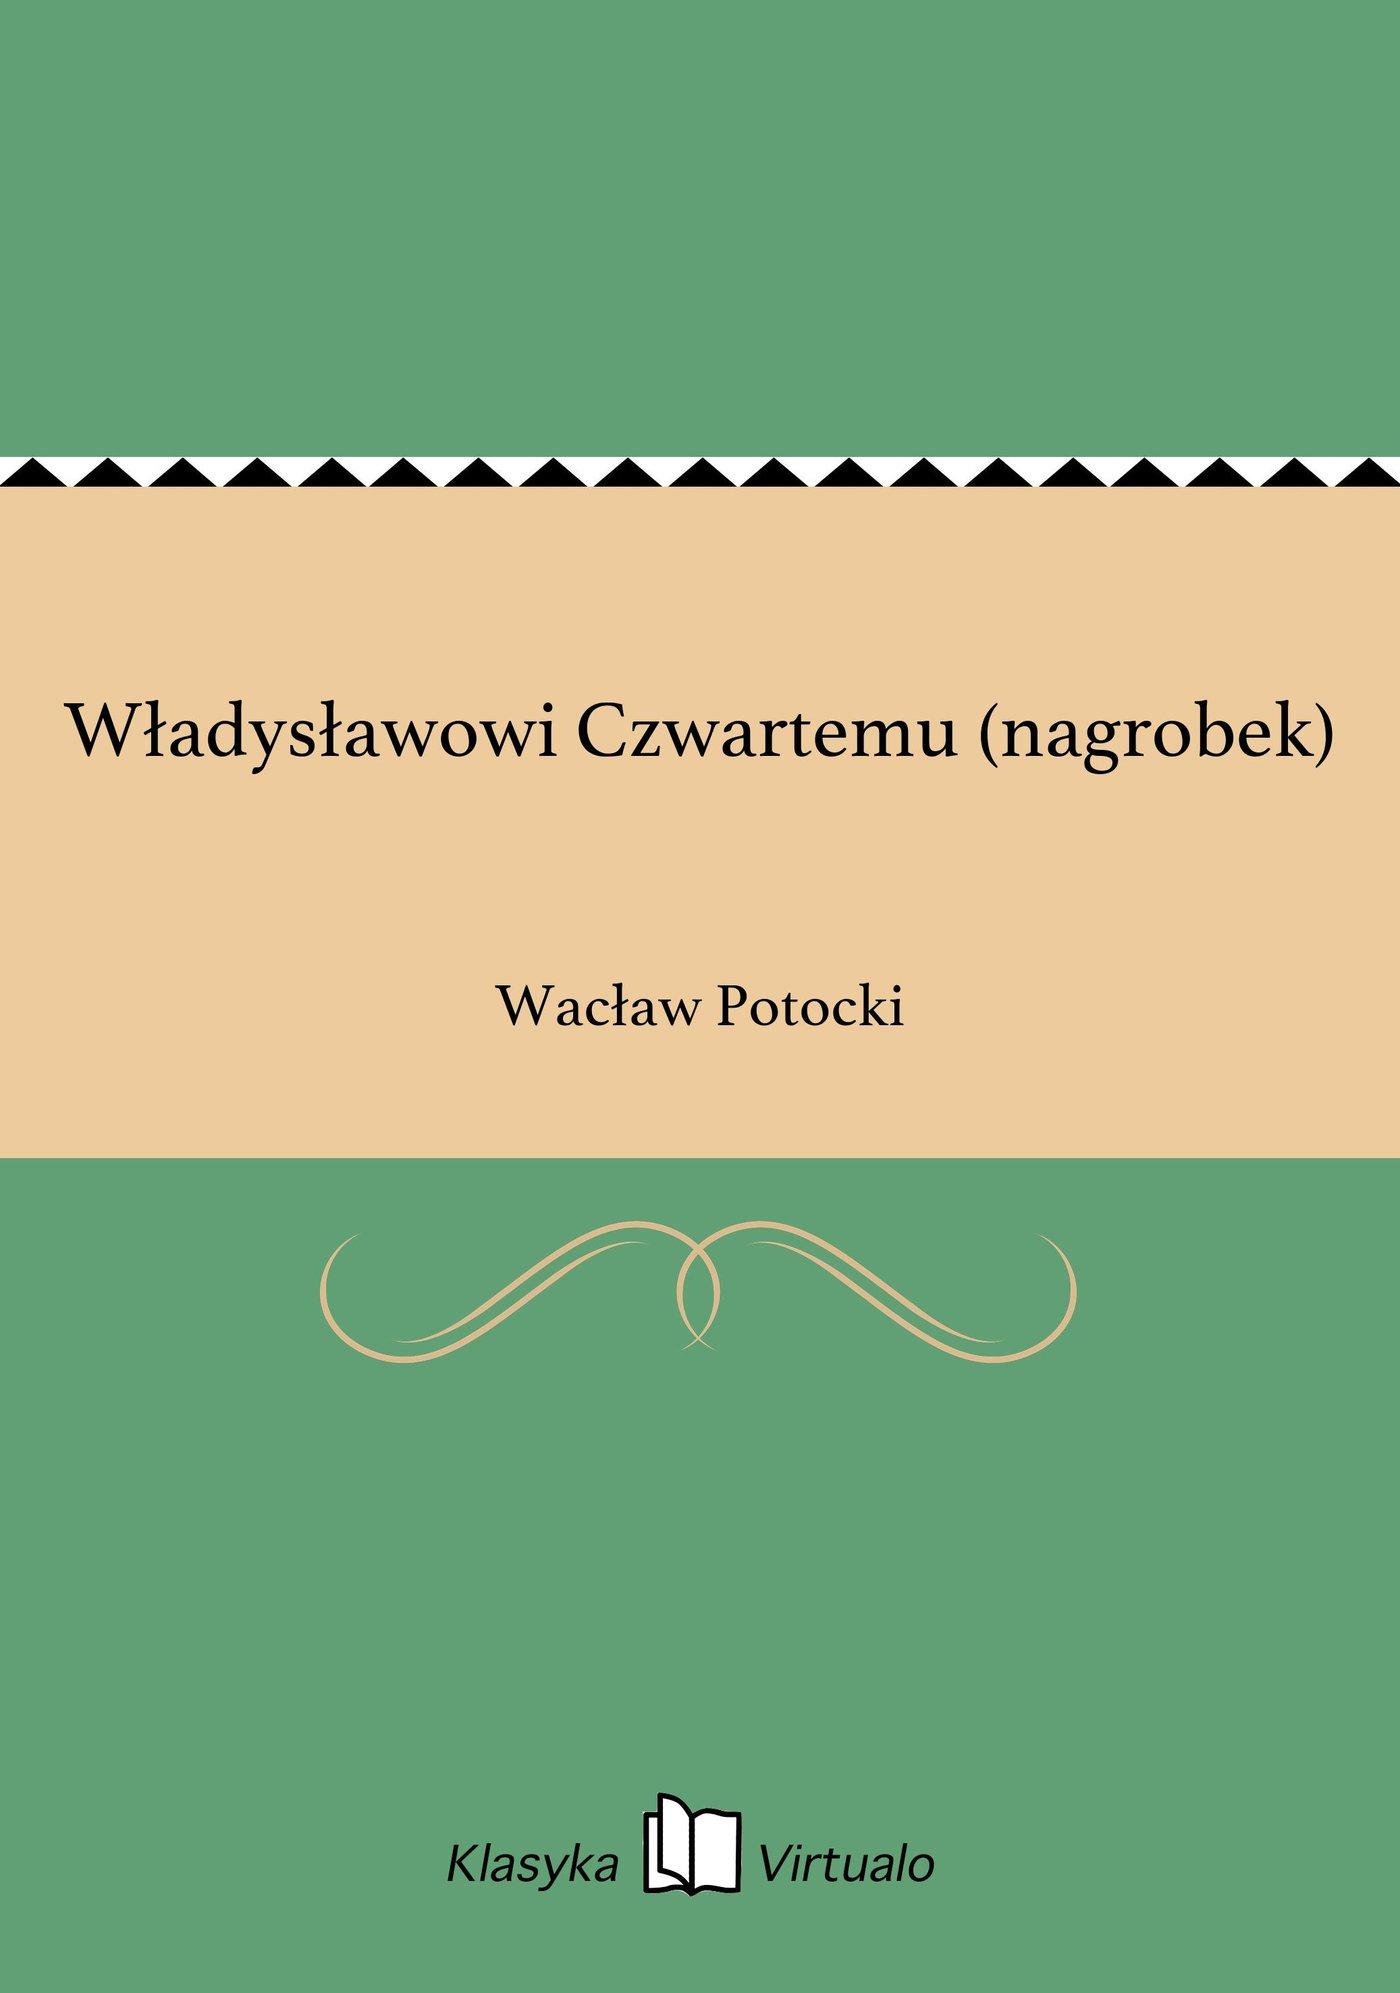 Władysławowi Czwartemu (nagrobek) - Ebook (Książka EPUB) do pobrania w formacie EPUB